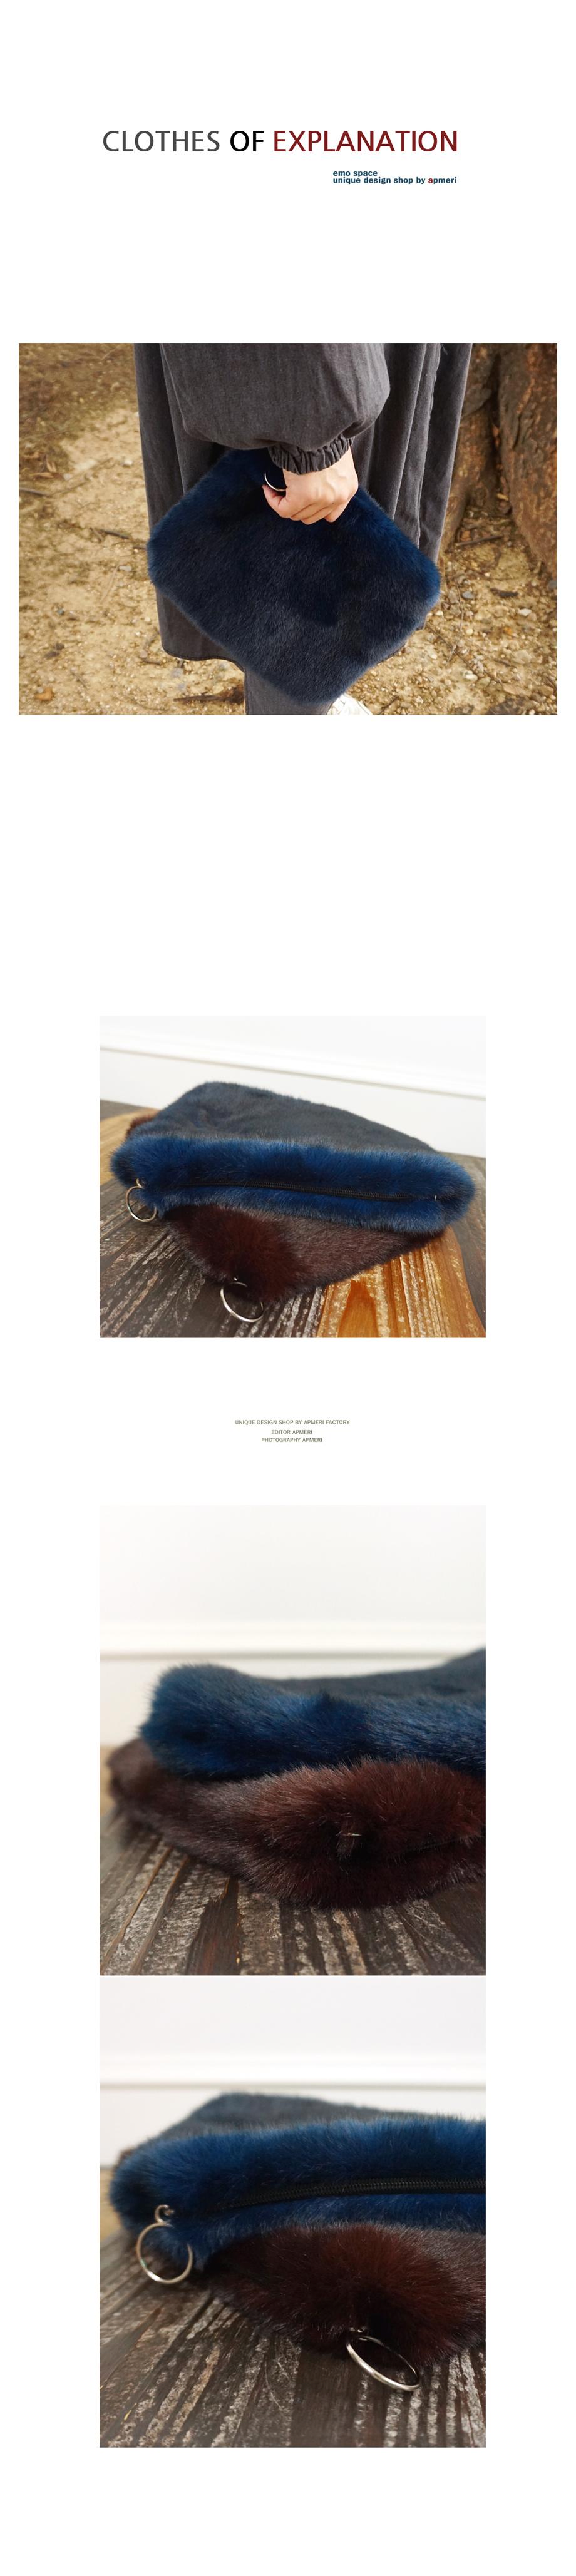 도톰 에코퍼 클러치백 - 앞머리, 45,500원, 클러치백, 인조가죽클러치백